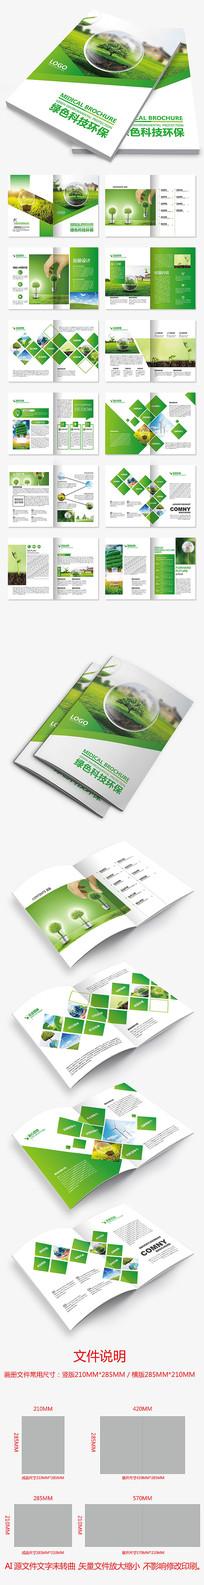 绿色新能源科技环保宣传册绿色渐变画册设计